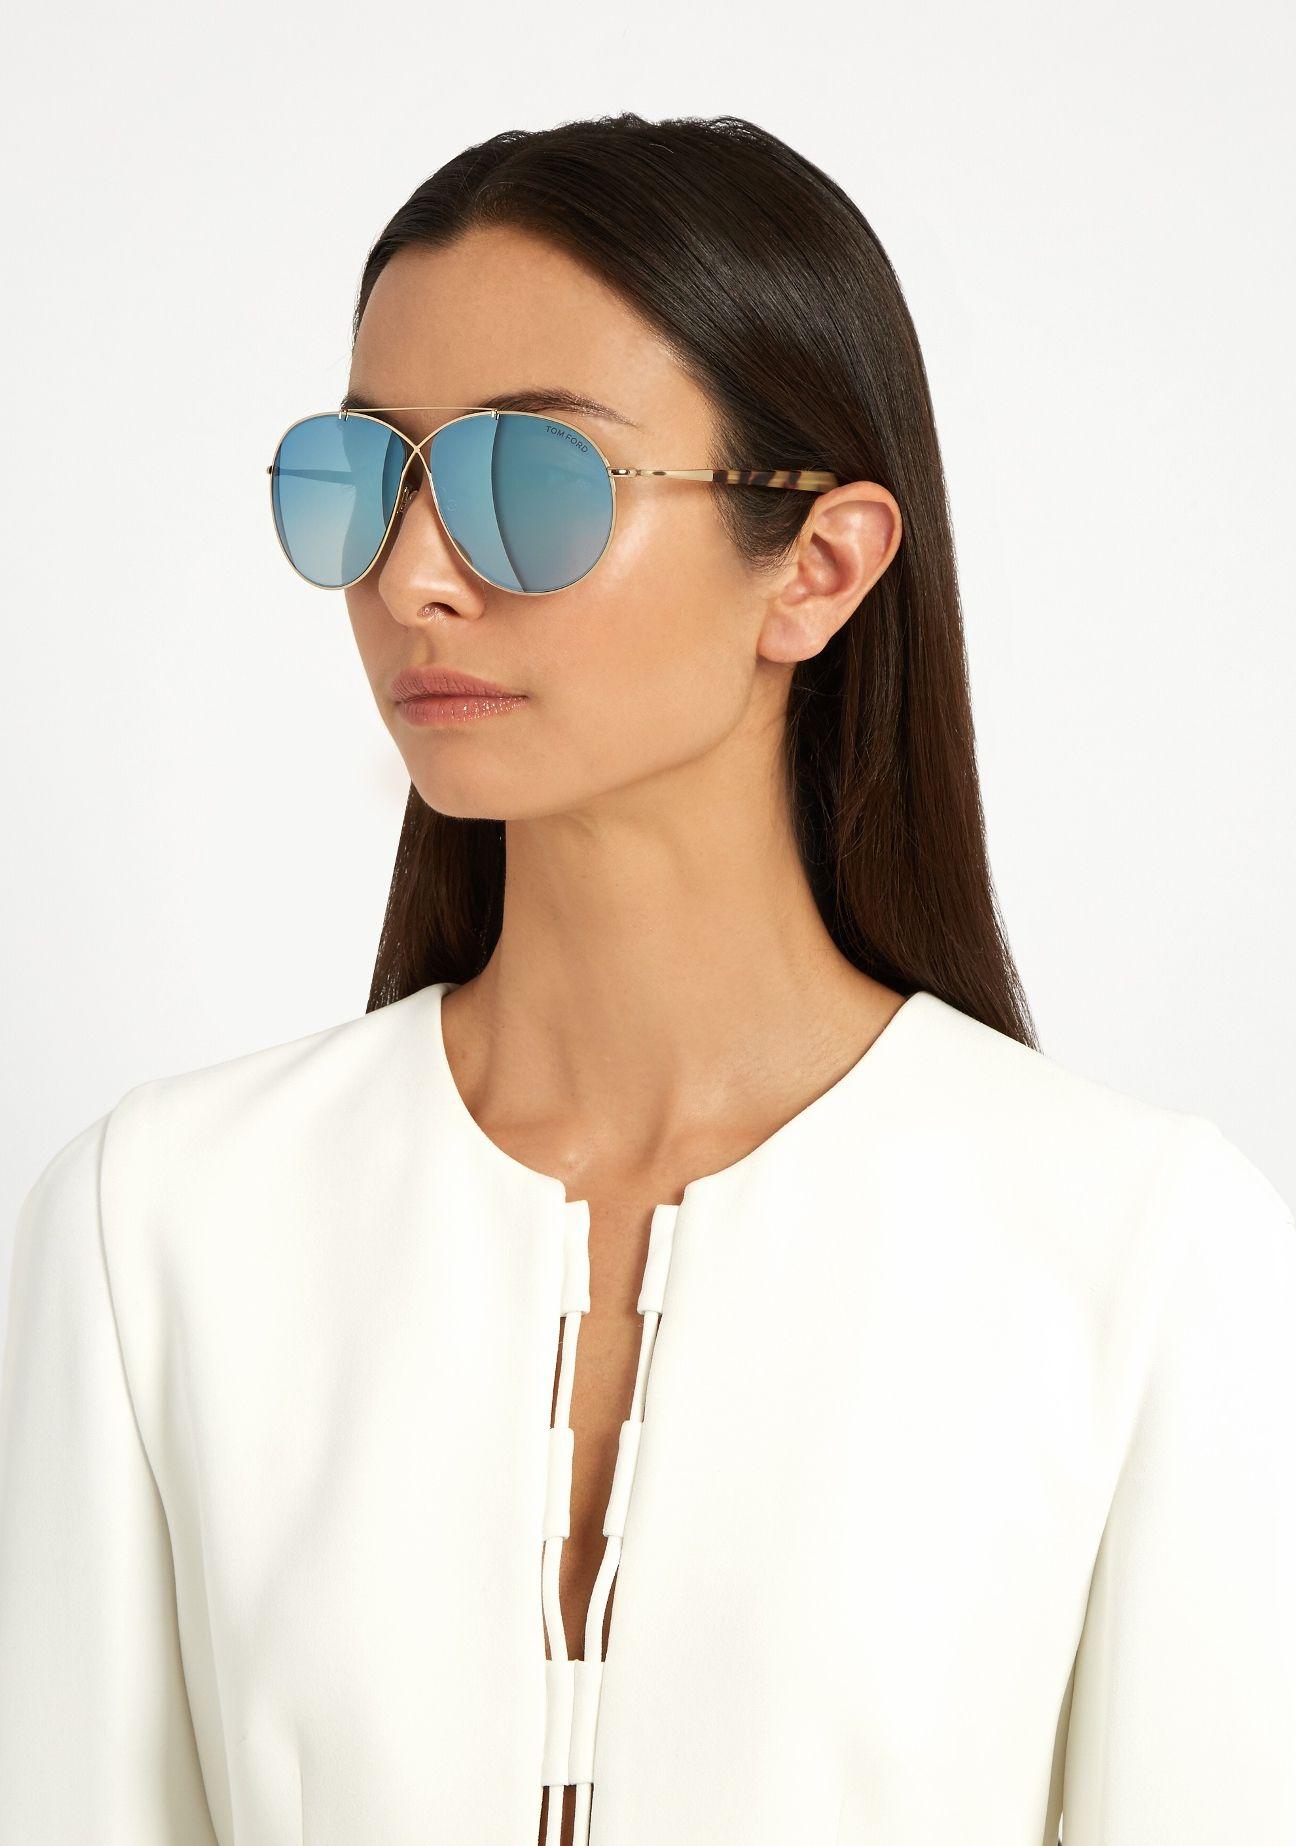 79d63fdeae84 Aviator sunglasses Tom Ford Eva Pilot 0374 are made by high quality  material. The lens